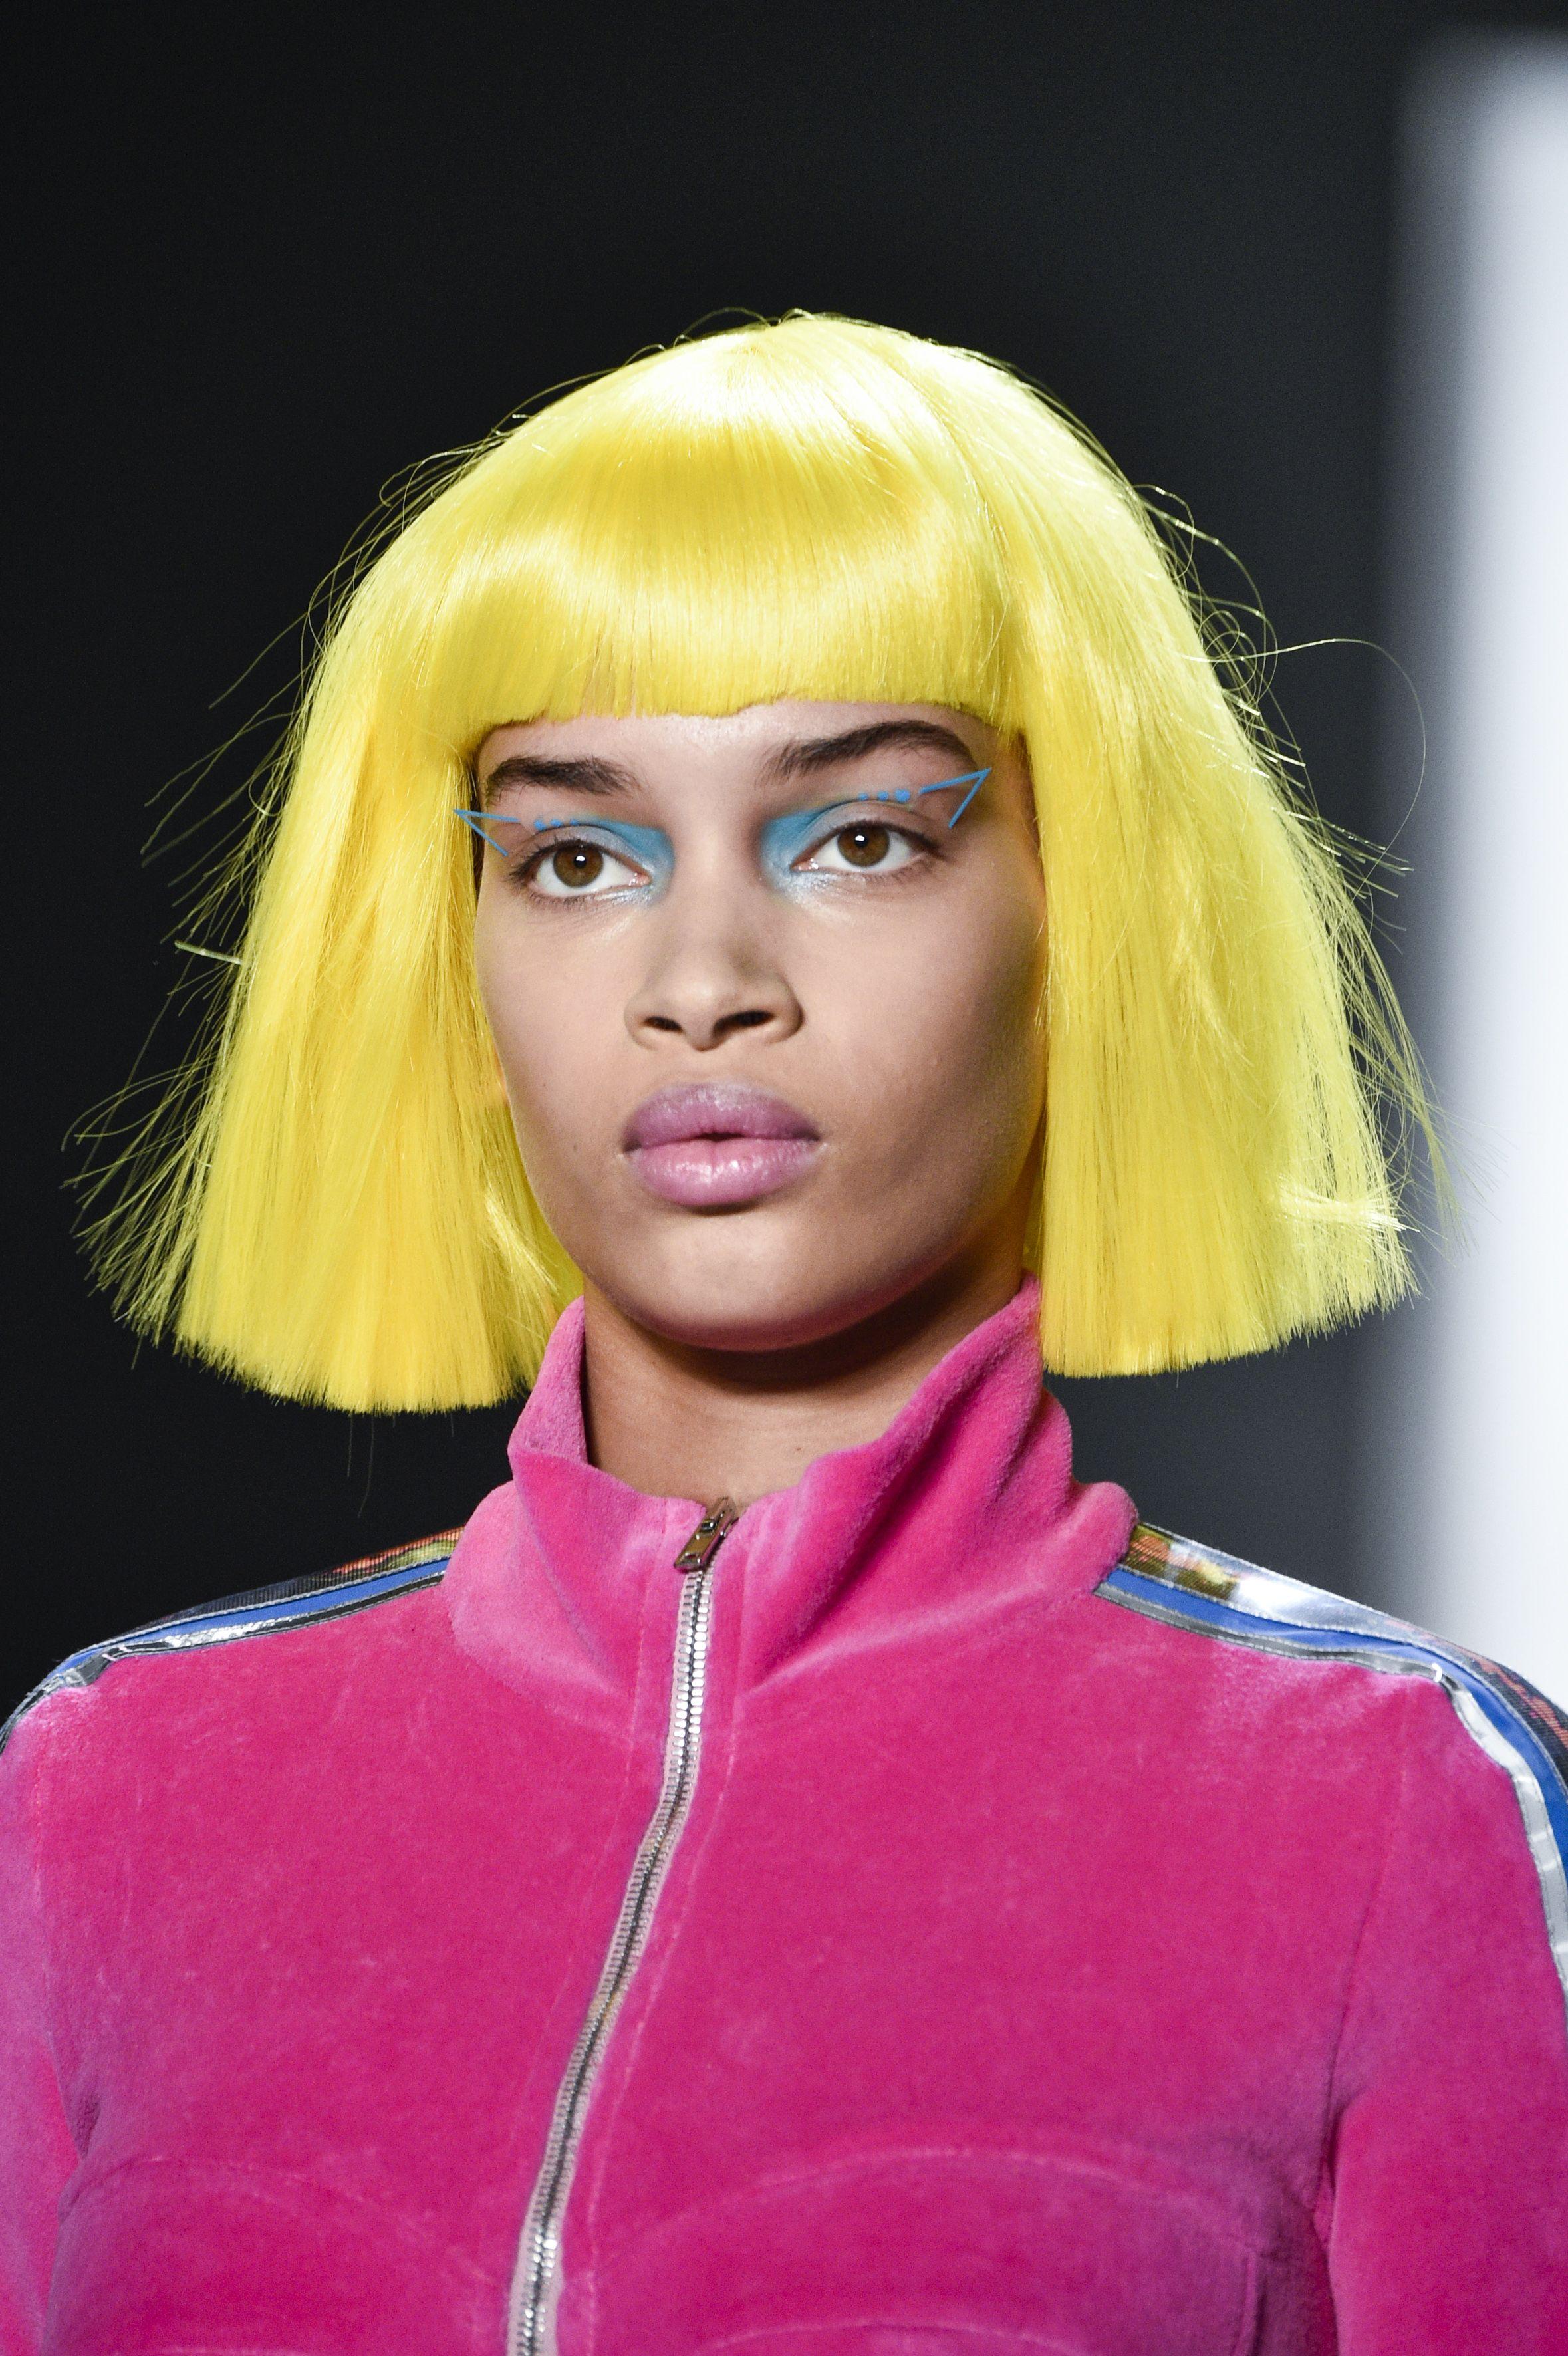 Taglio capelli donne medi 2019